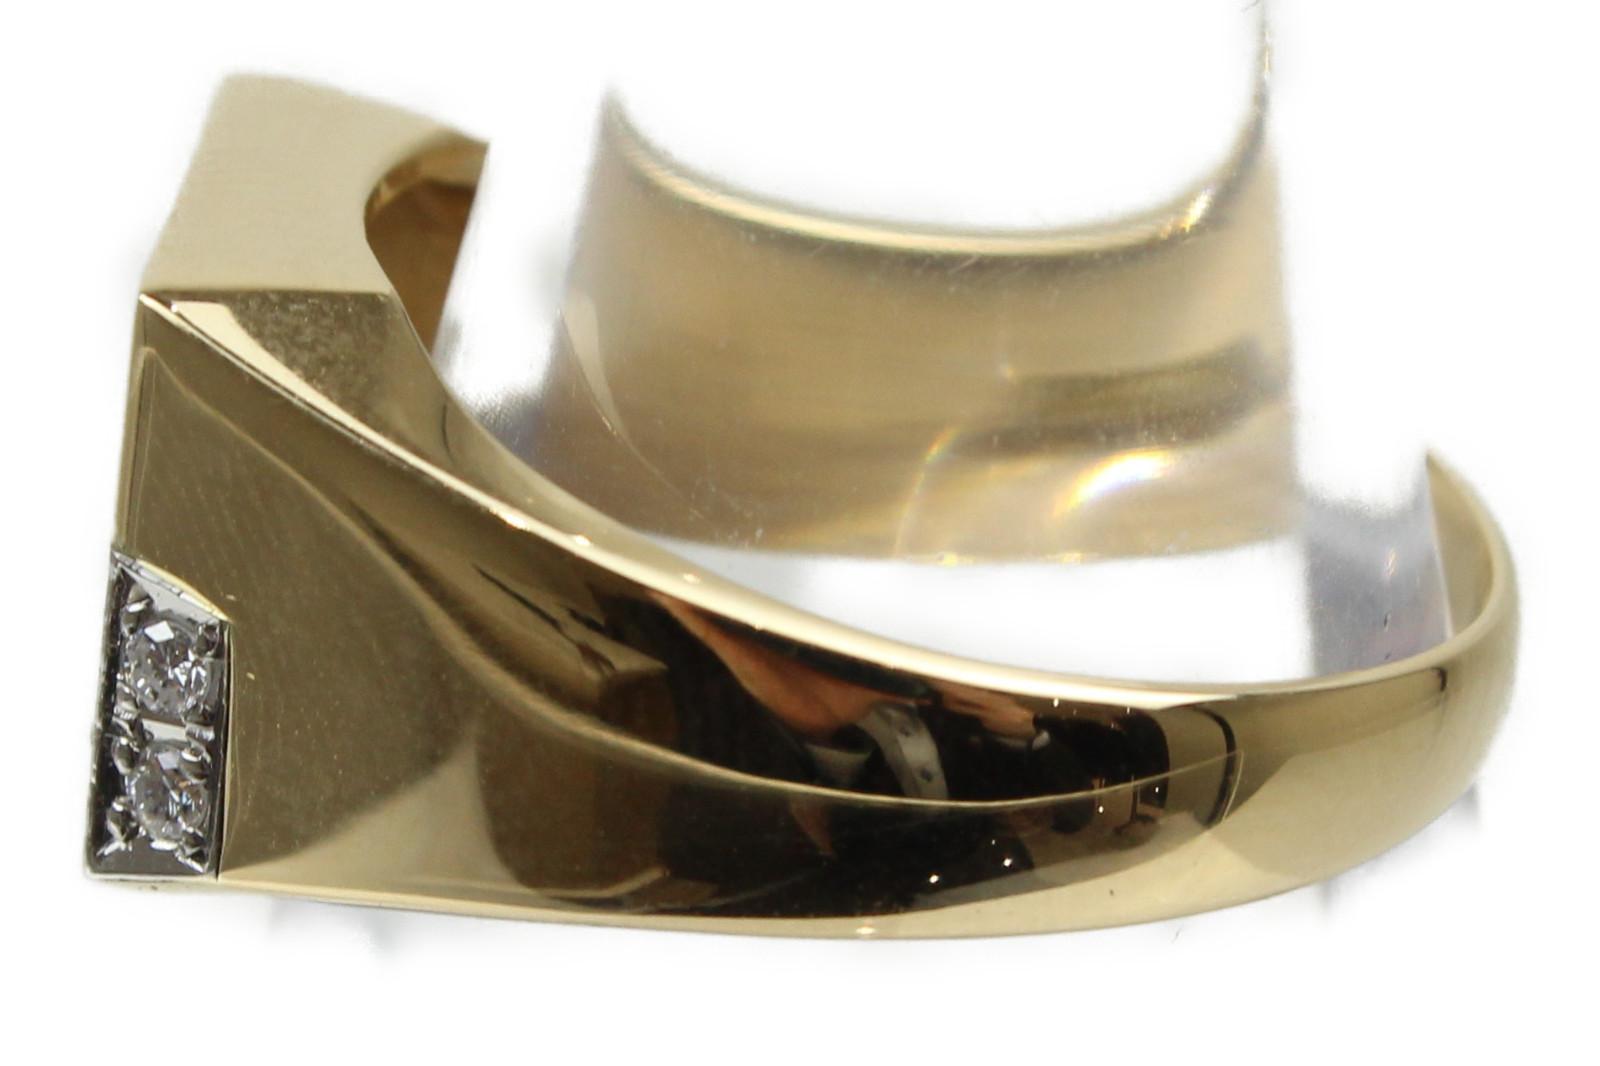 新品仕上げ済コンビ印台リングK18 Pt900 ダイヤモンド0 30ct9 5g 21 5号 シンプルオシャレ 高級 ギフト包装可Fl1JTKc